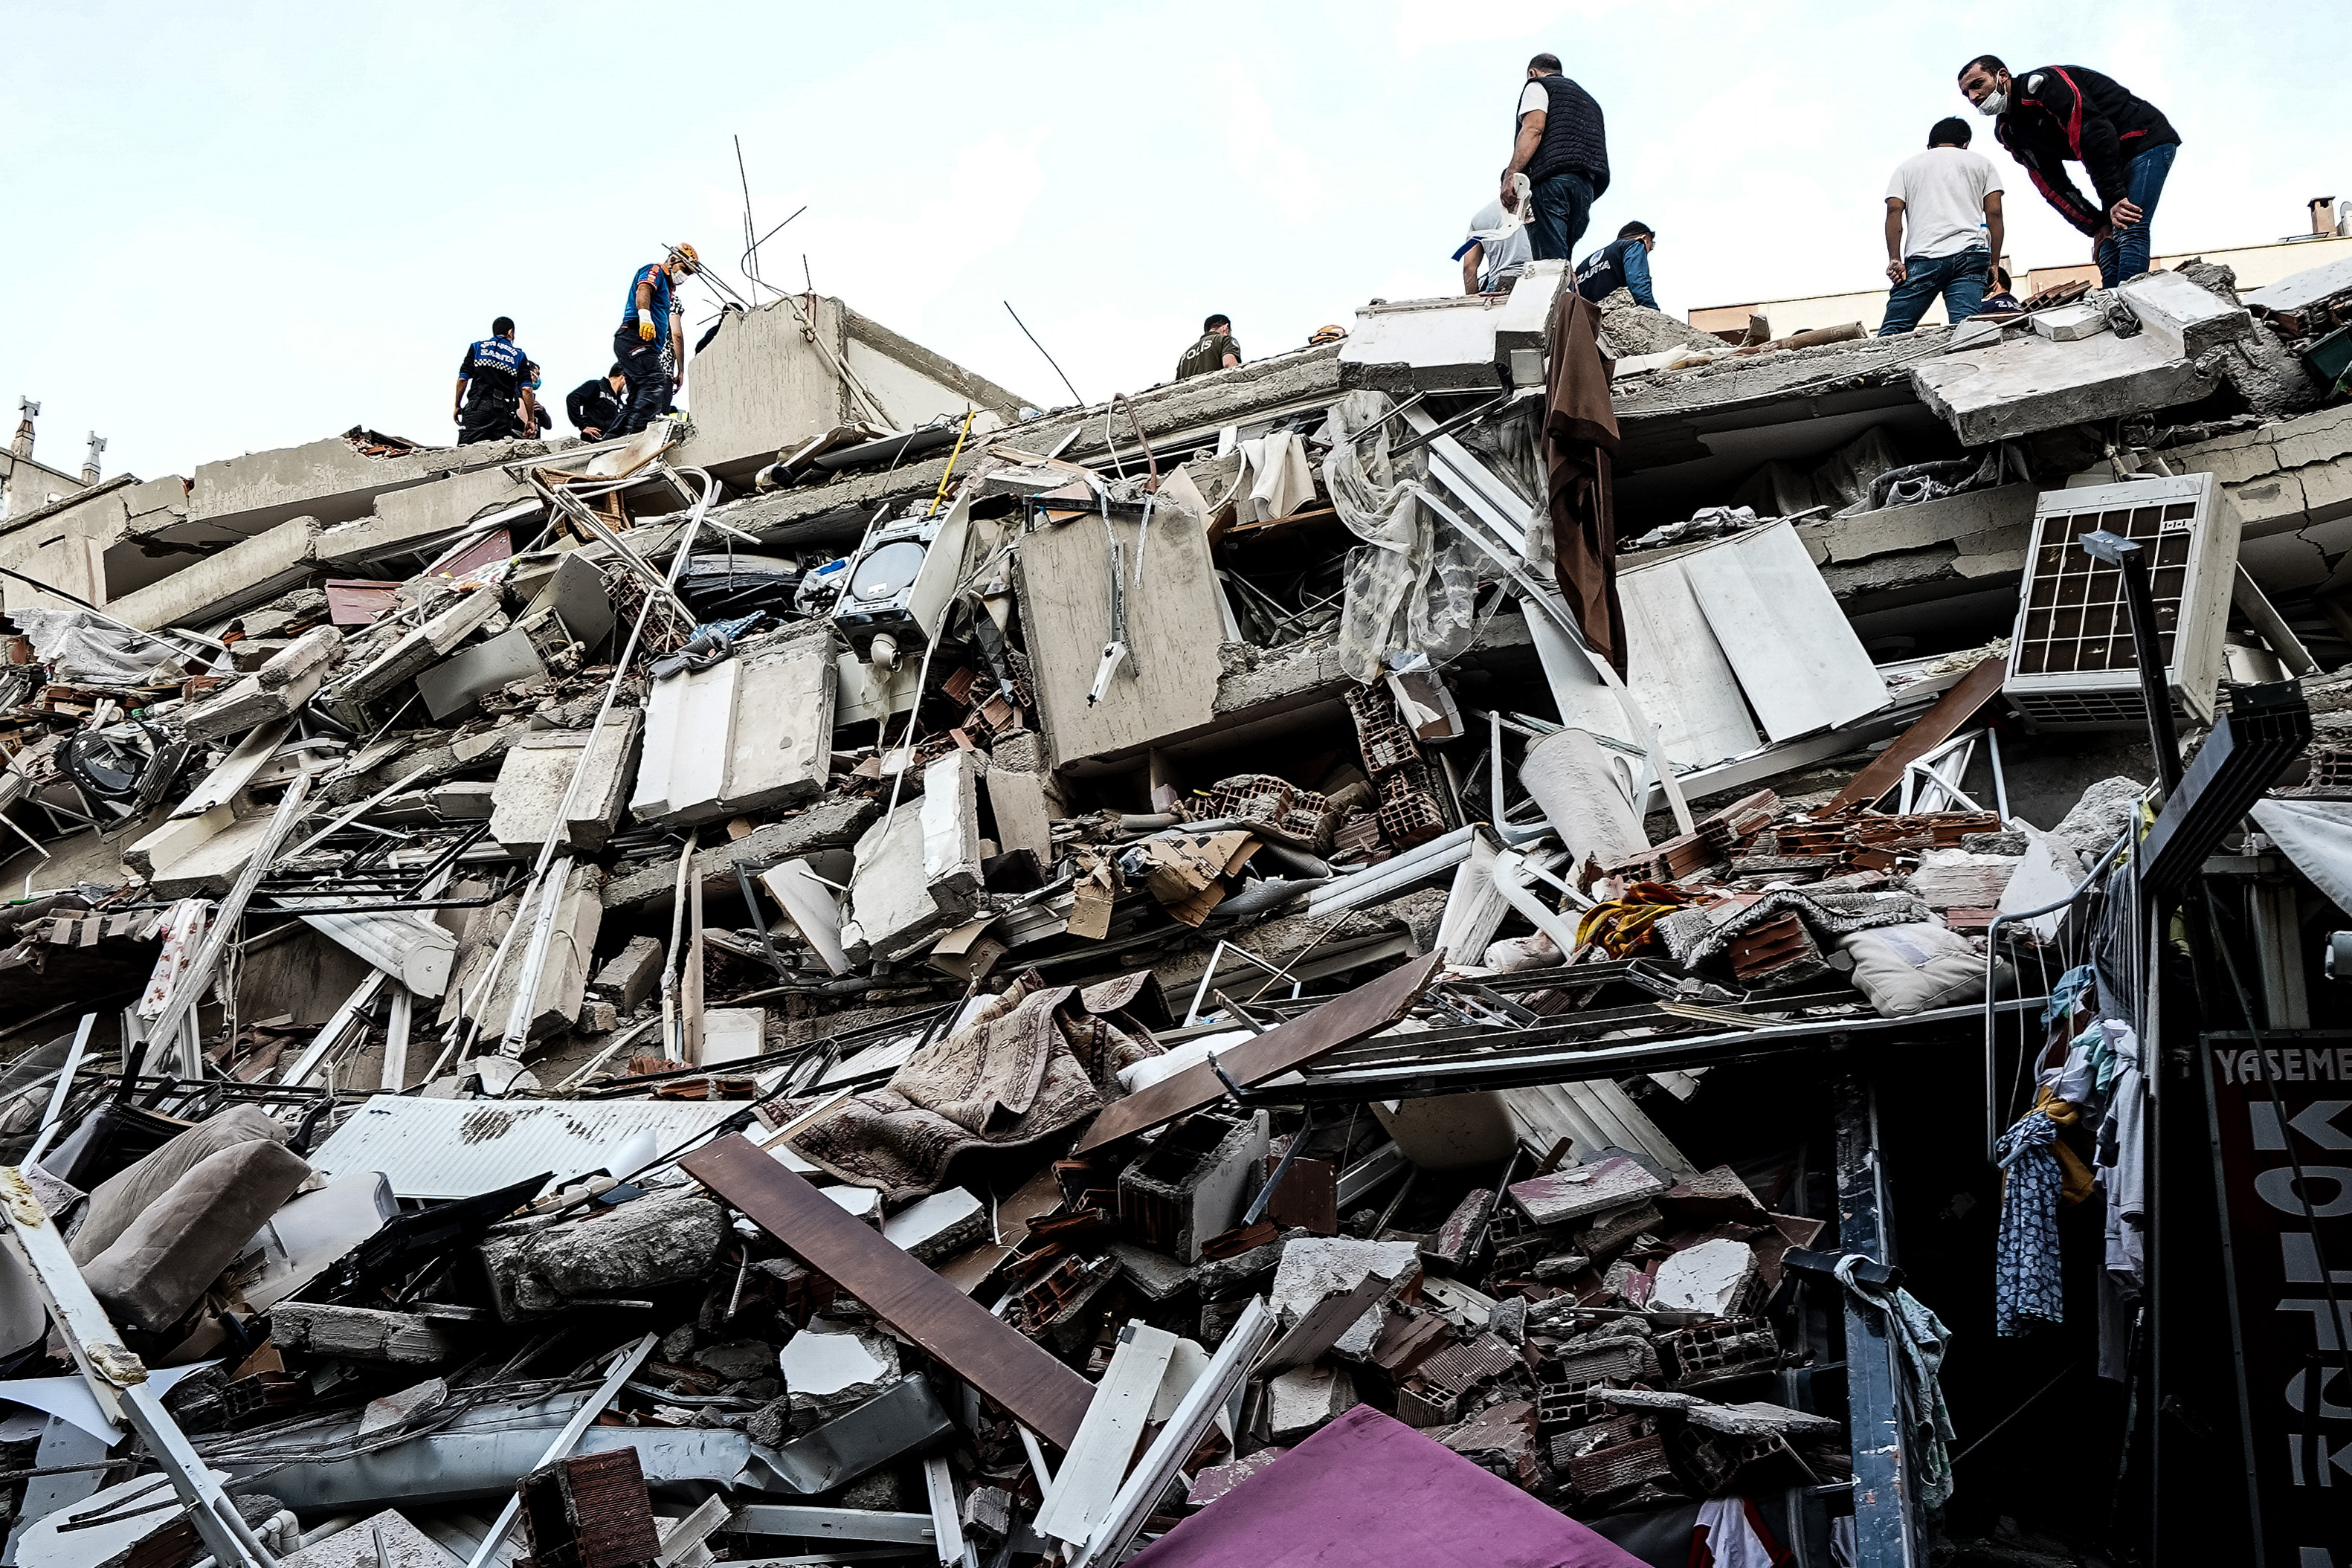 Un tremblement de terre de magnitude 7,0 frappe près de la ville turque d'Izmir, faisant s'effondrer des bâtiments et tuant au moins 14 personnes.  Des efforts de recherche et de sauvetage sont en cours pour rechercher des survivants dans les décombres.